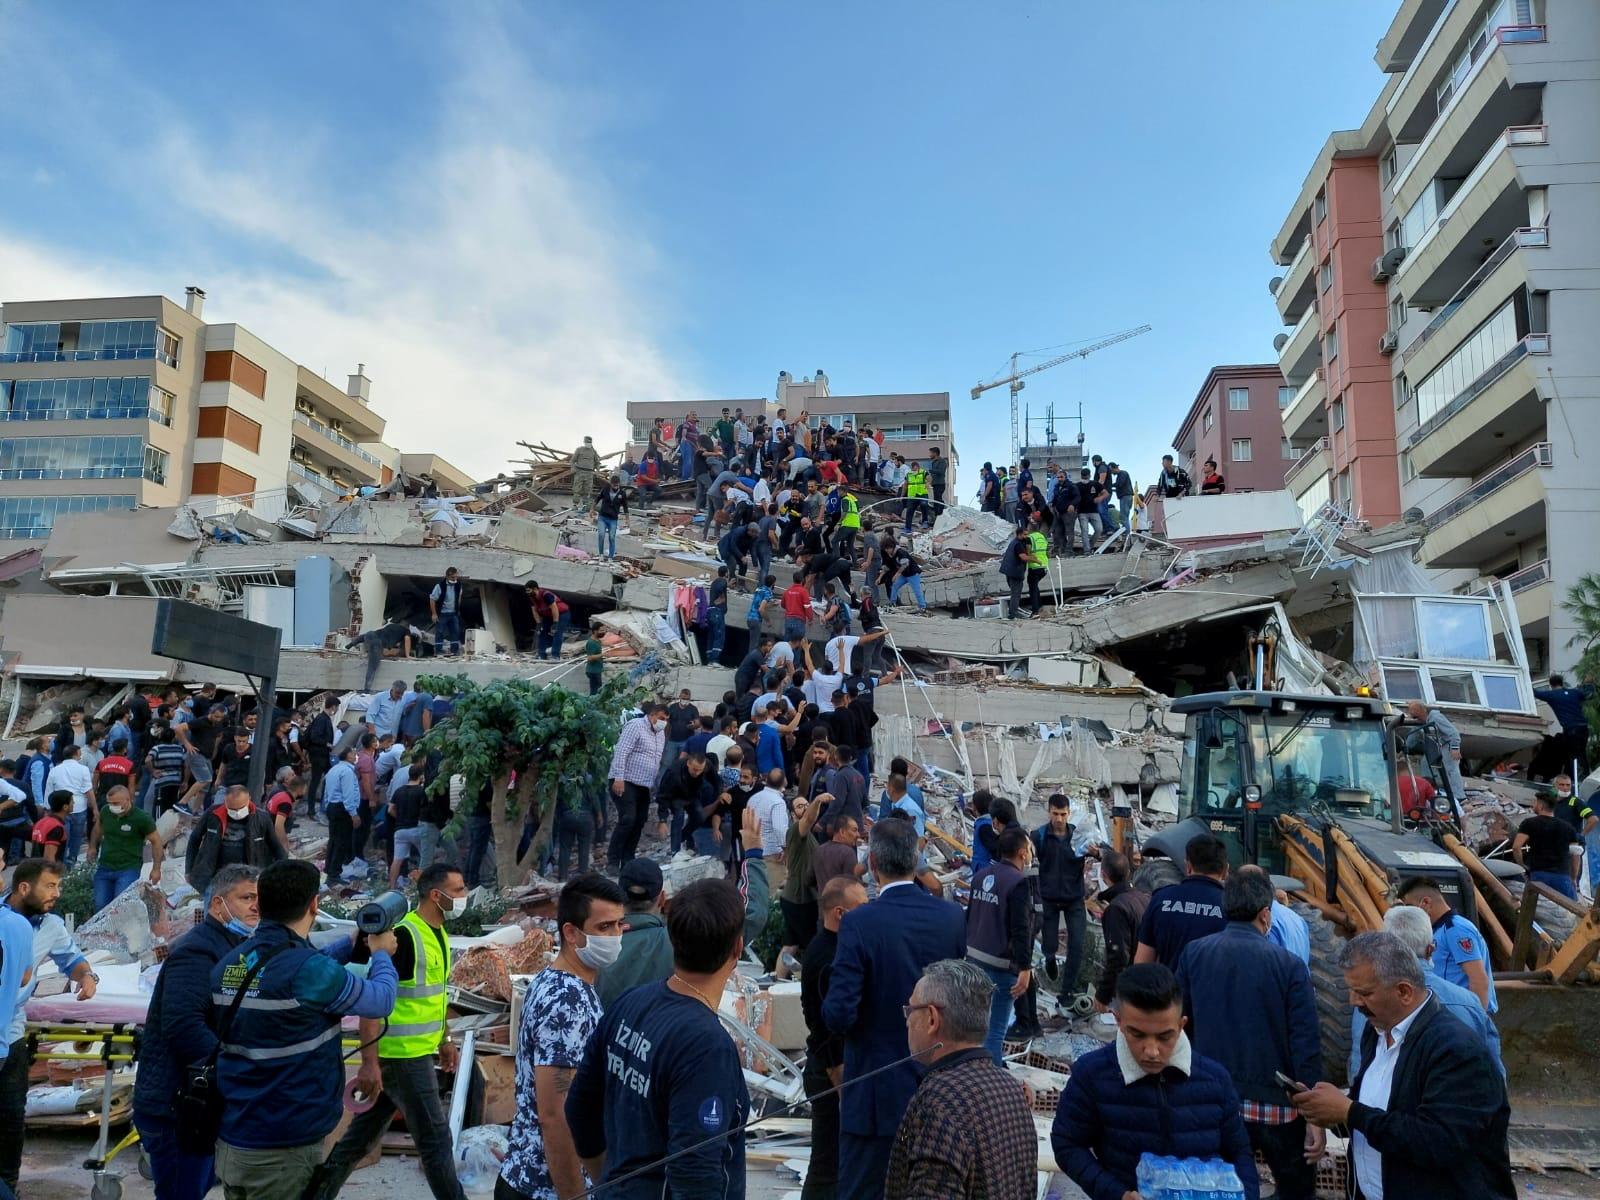 电视画面和上传社群媒体的画面可以看到民众奋力搬移倒塌建筑的瓦砾堆,试图搜救受困者。-路透社-